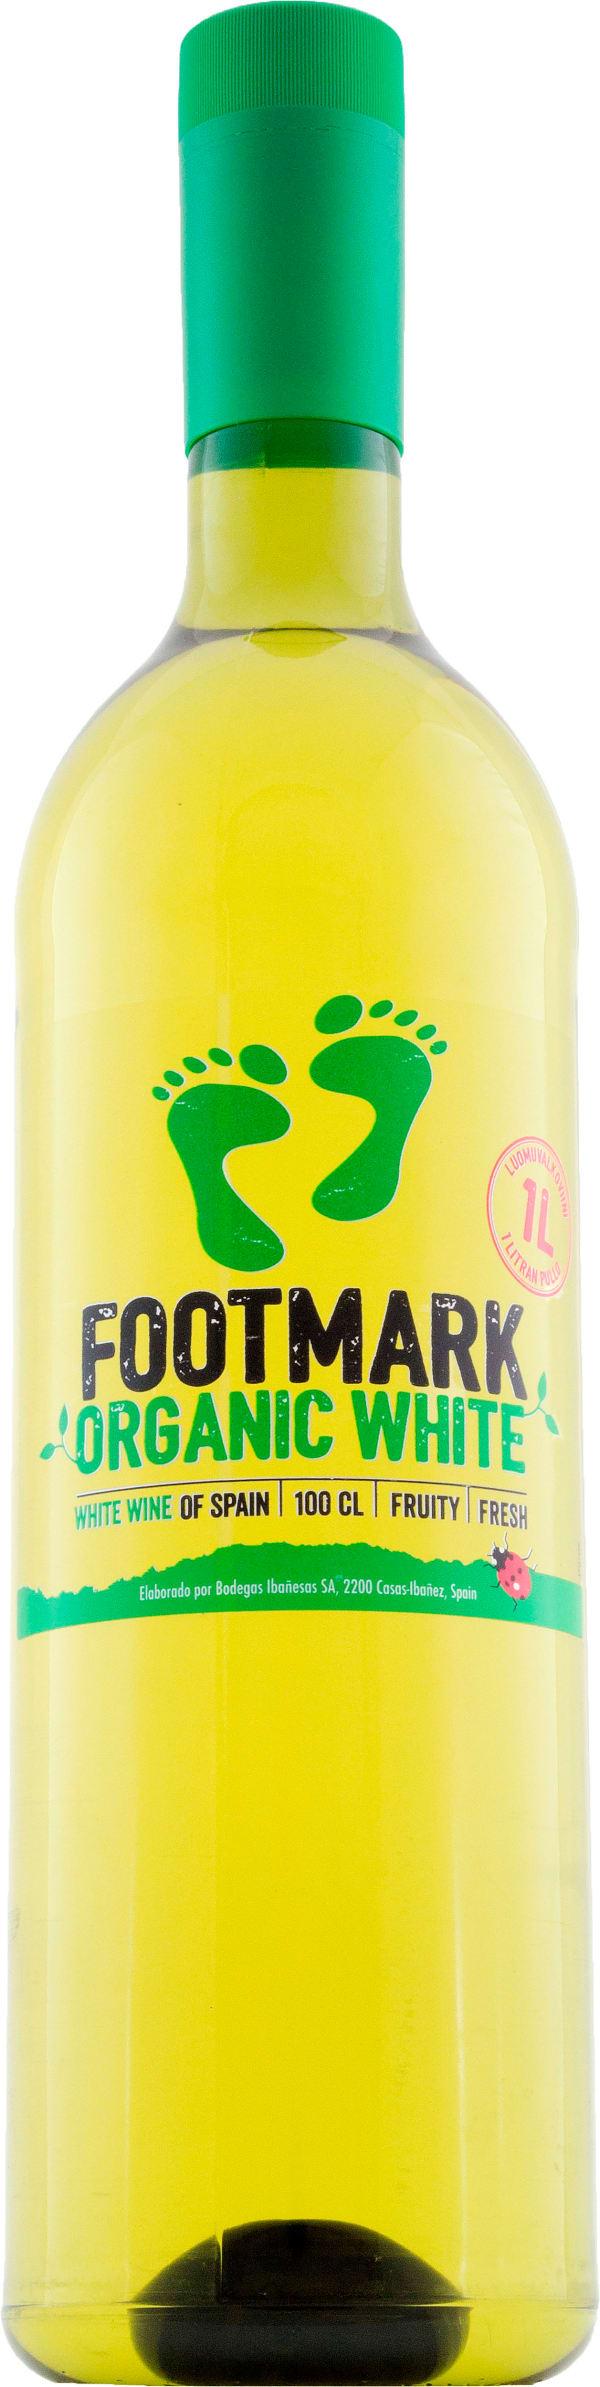 Footmark Organic White plastic bottle